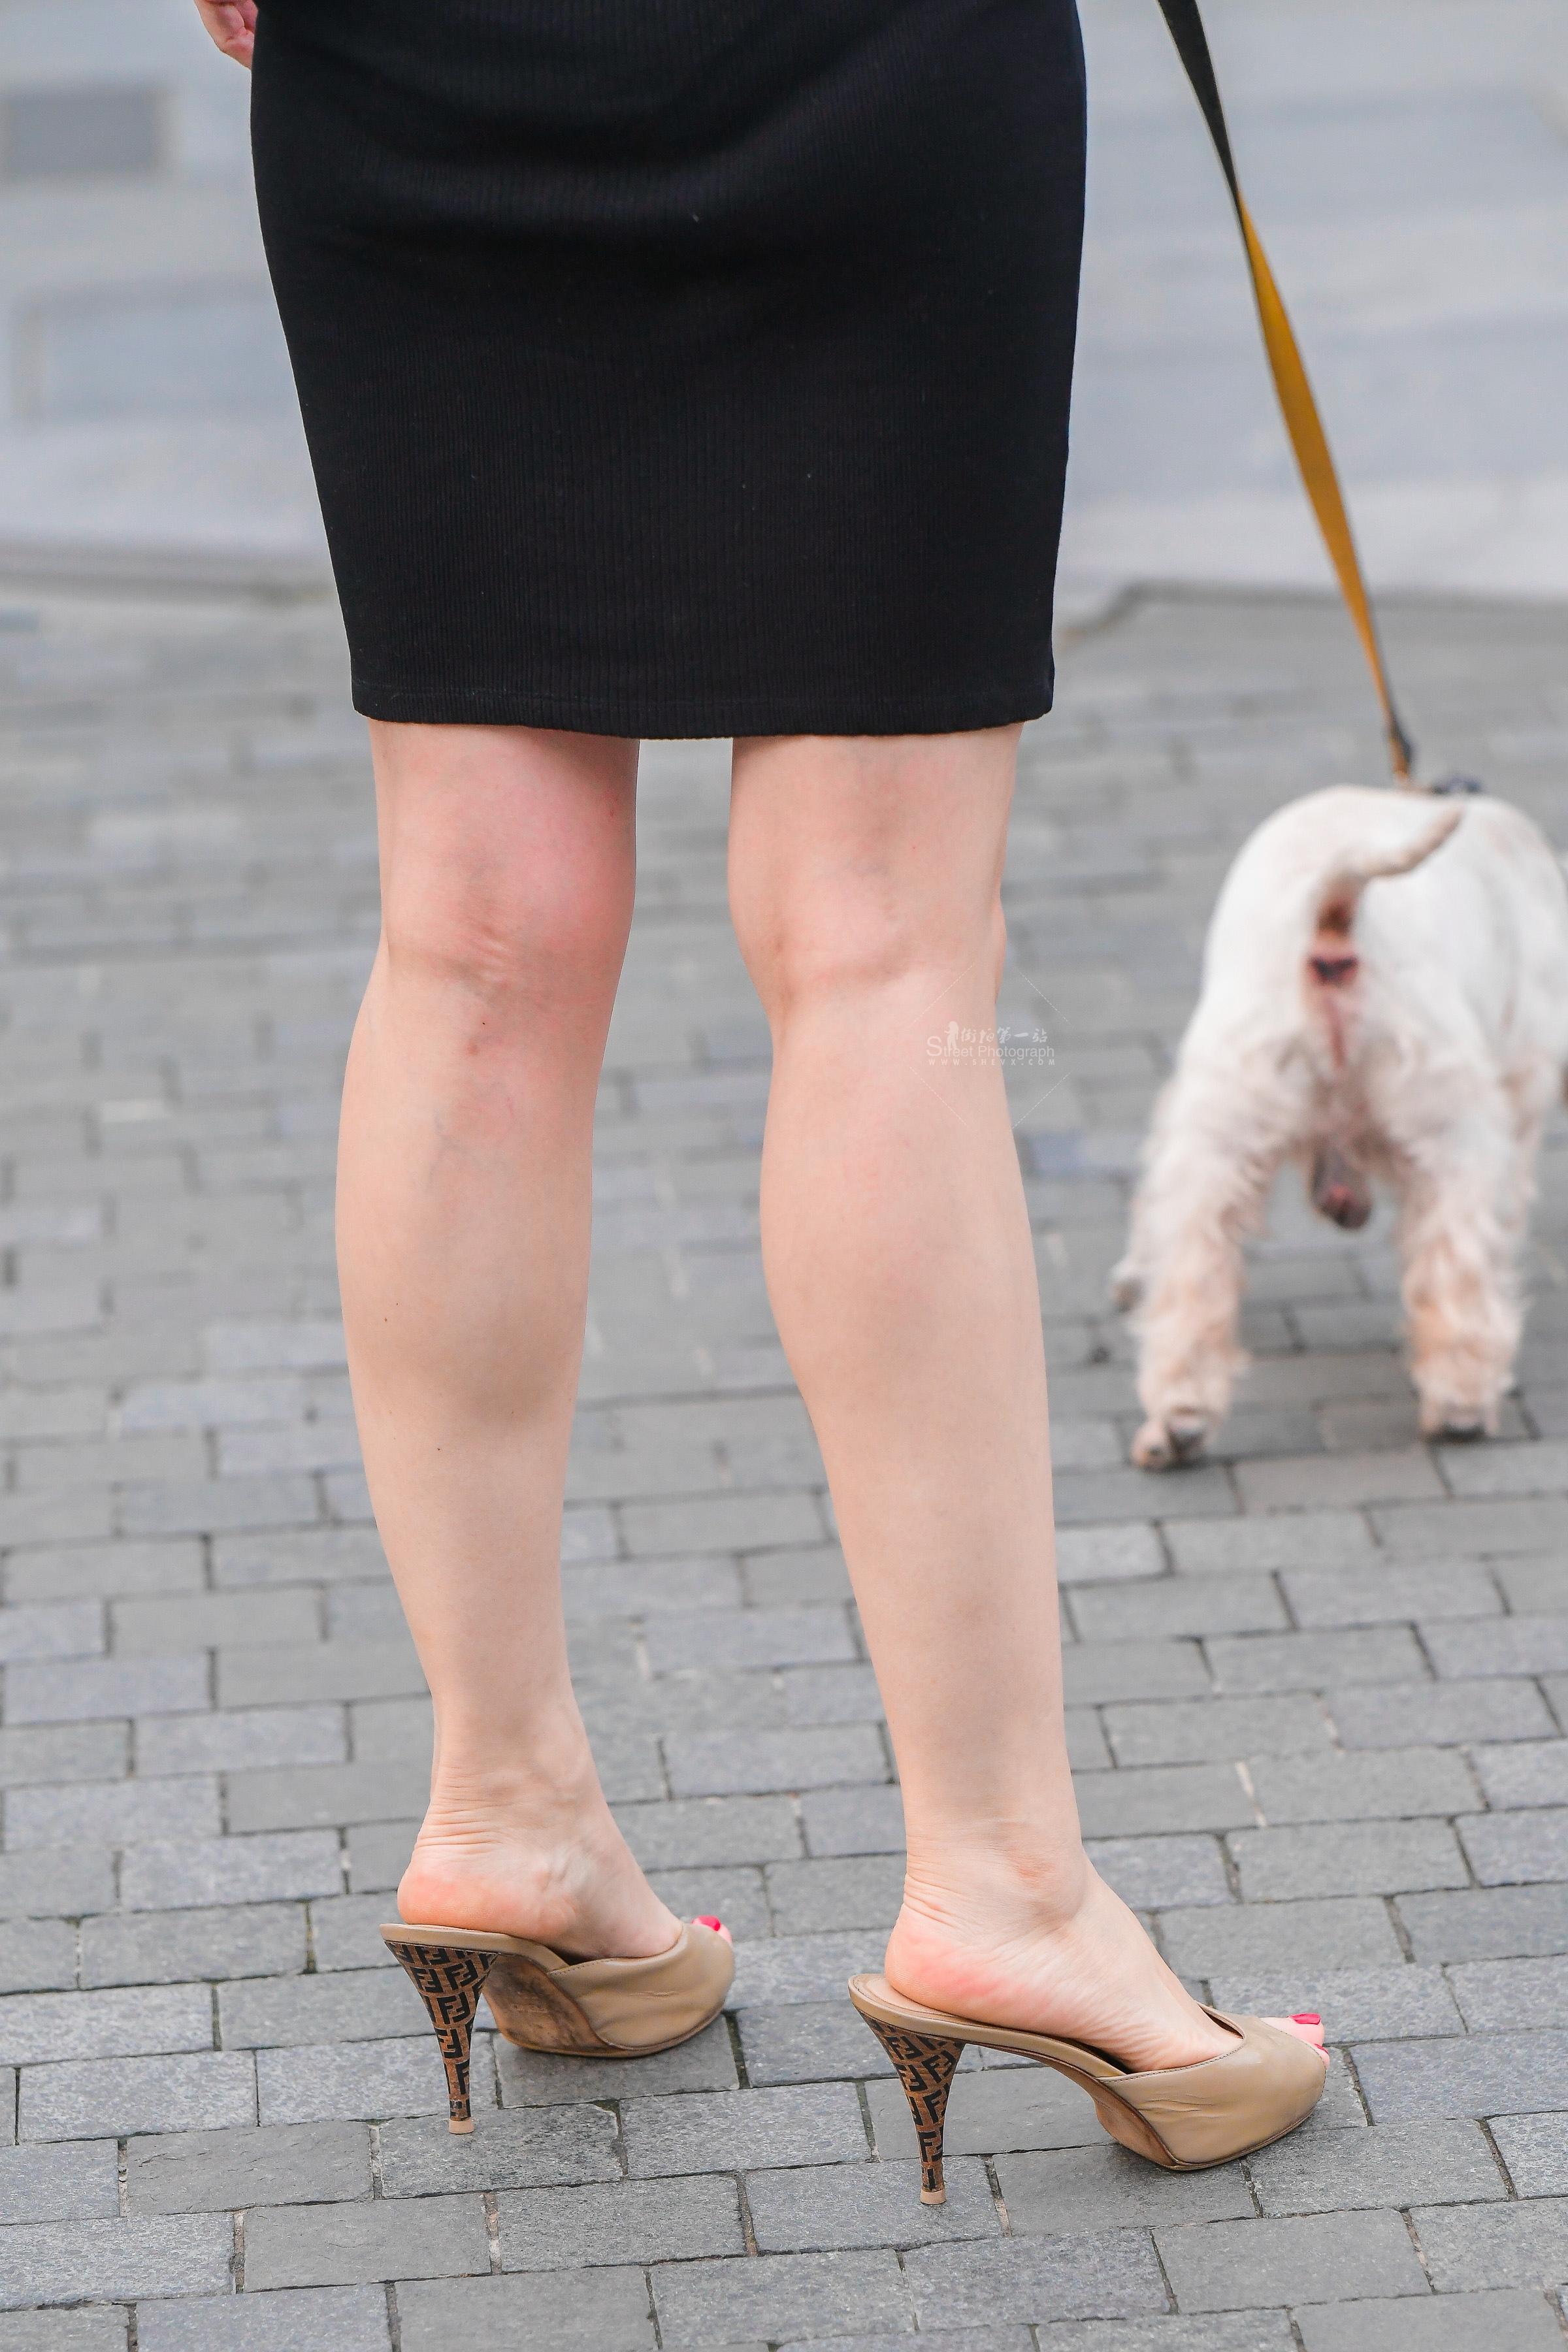 街拍美女,街拍玉足,街拍坡跟鞋,街拍高跟 遛狗的坡跟鞋粉红玉足高跟 美女 最新街拍丝袜图片 街拍丝袜第一站